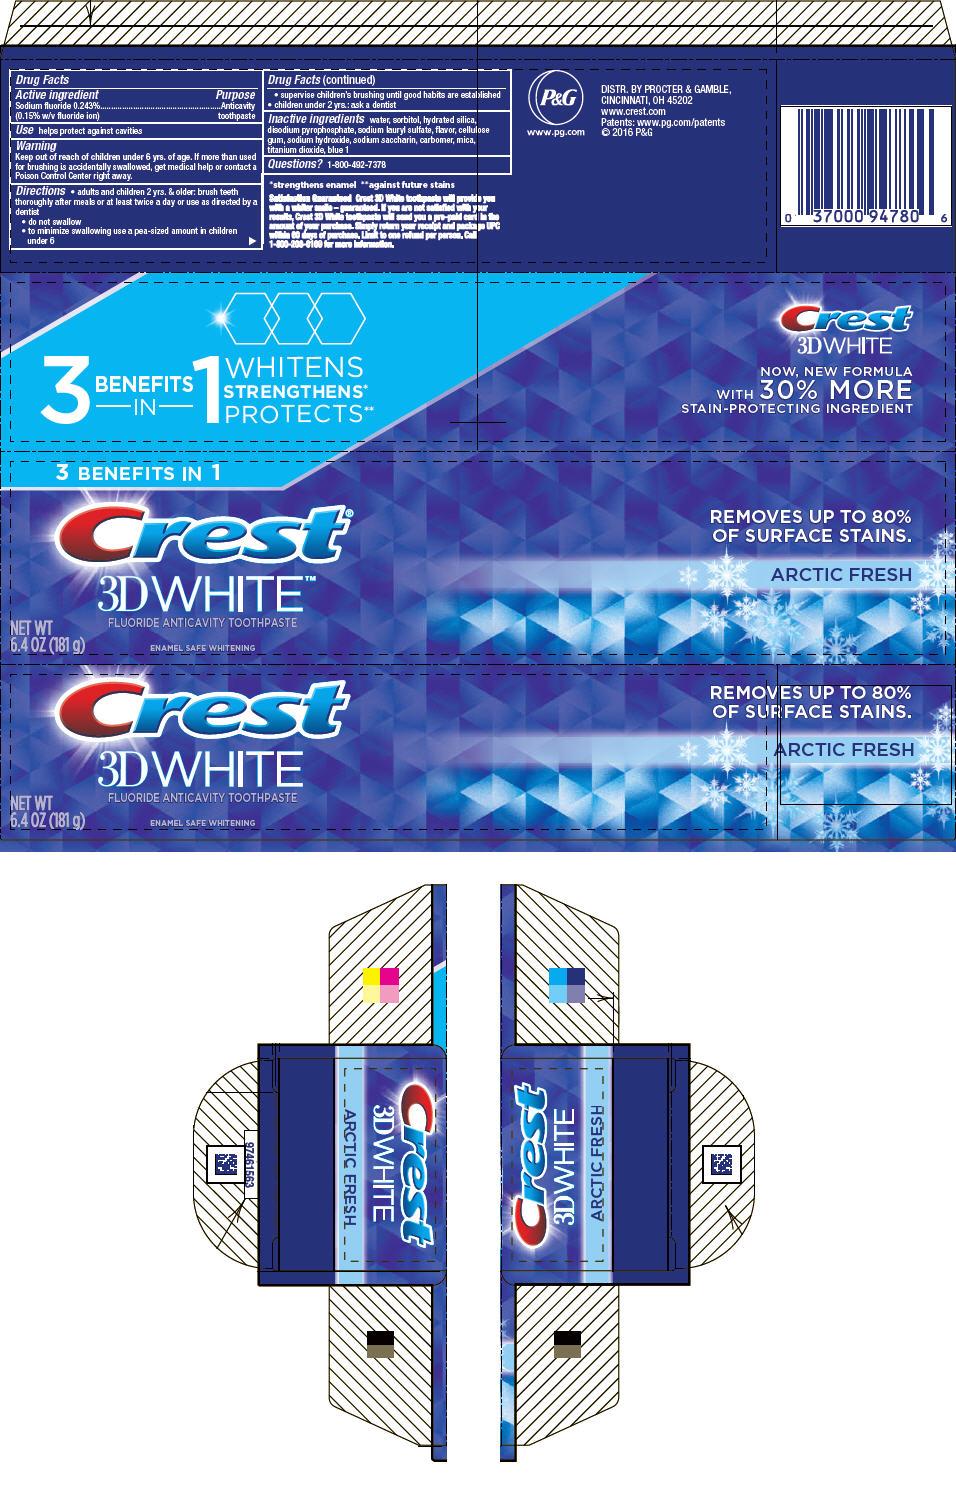 PRINCIPAL DISPLAY PANEL - 181 g Tube Carton